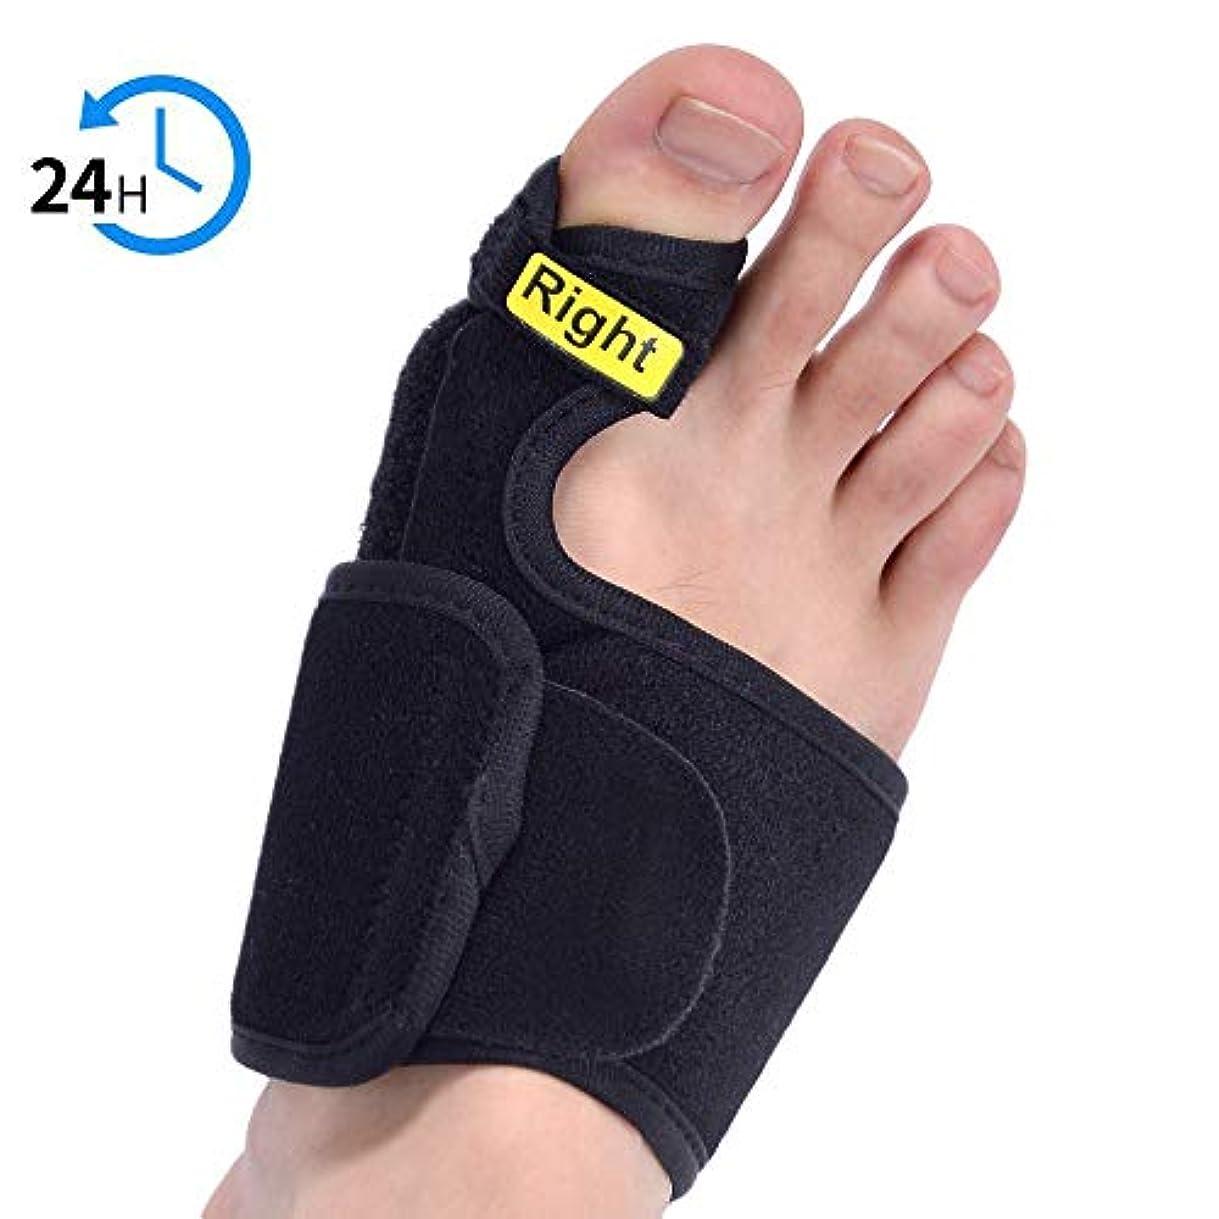 費やす伸ばす溝外反母趾矯正セット、外反母趾の昼間および夜間包帯つま先のを調整可能なショルダーストラップで疼痛1ペアを和らげる